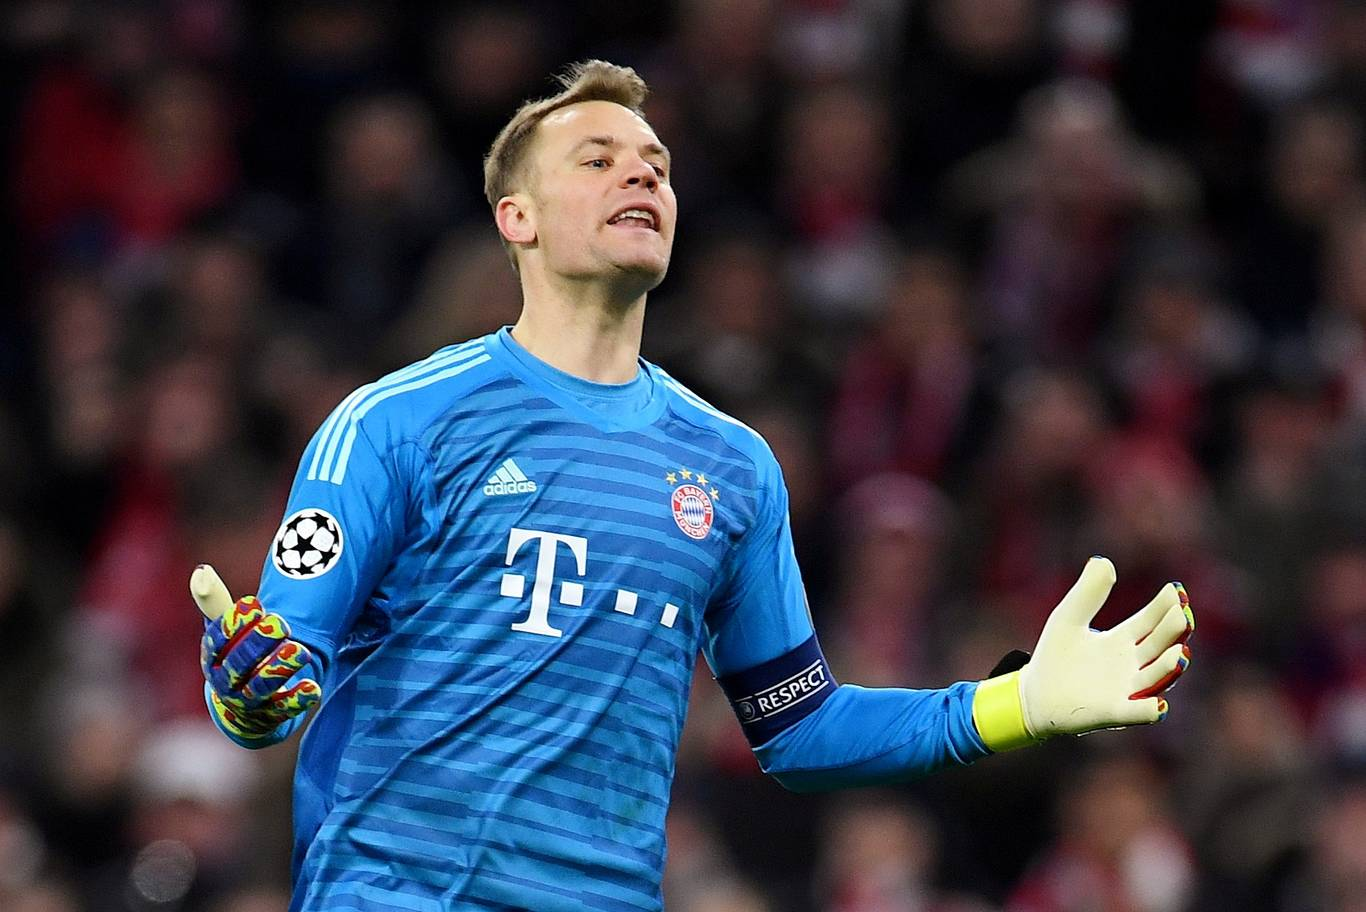 Neuer trở thành điểm đen trong ngày Hùm xám thất trận - Bóng Đá